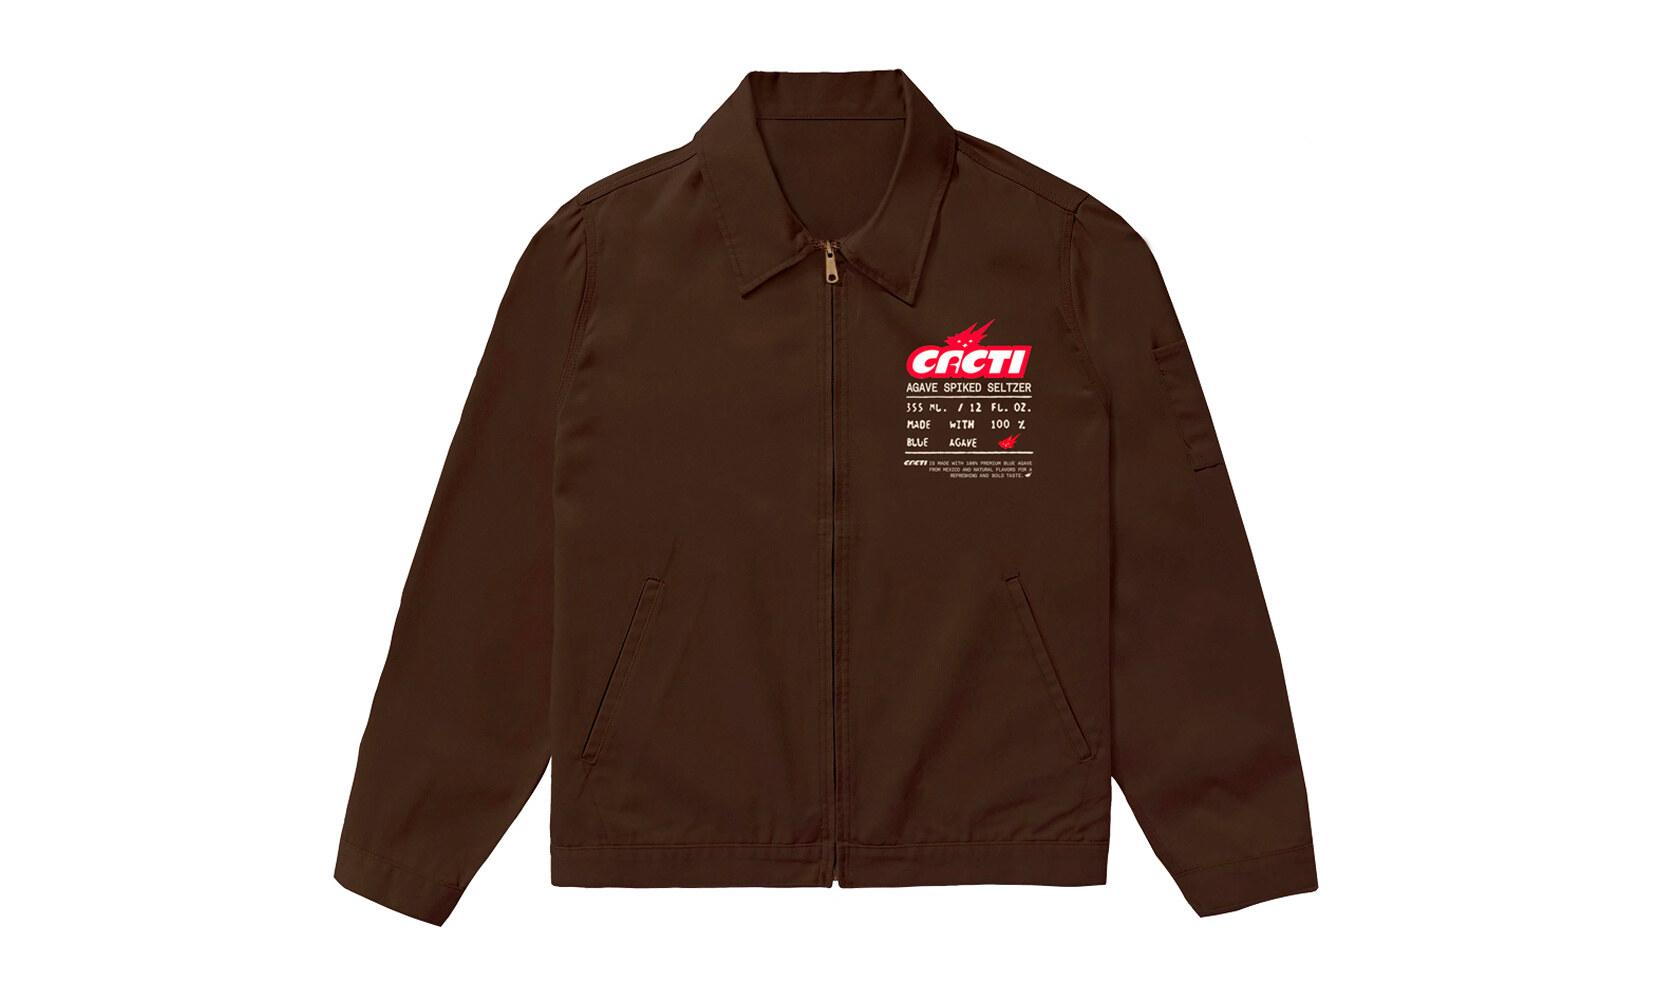 Travis Scott Cacti Merch work jacket